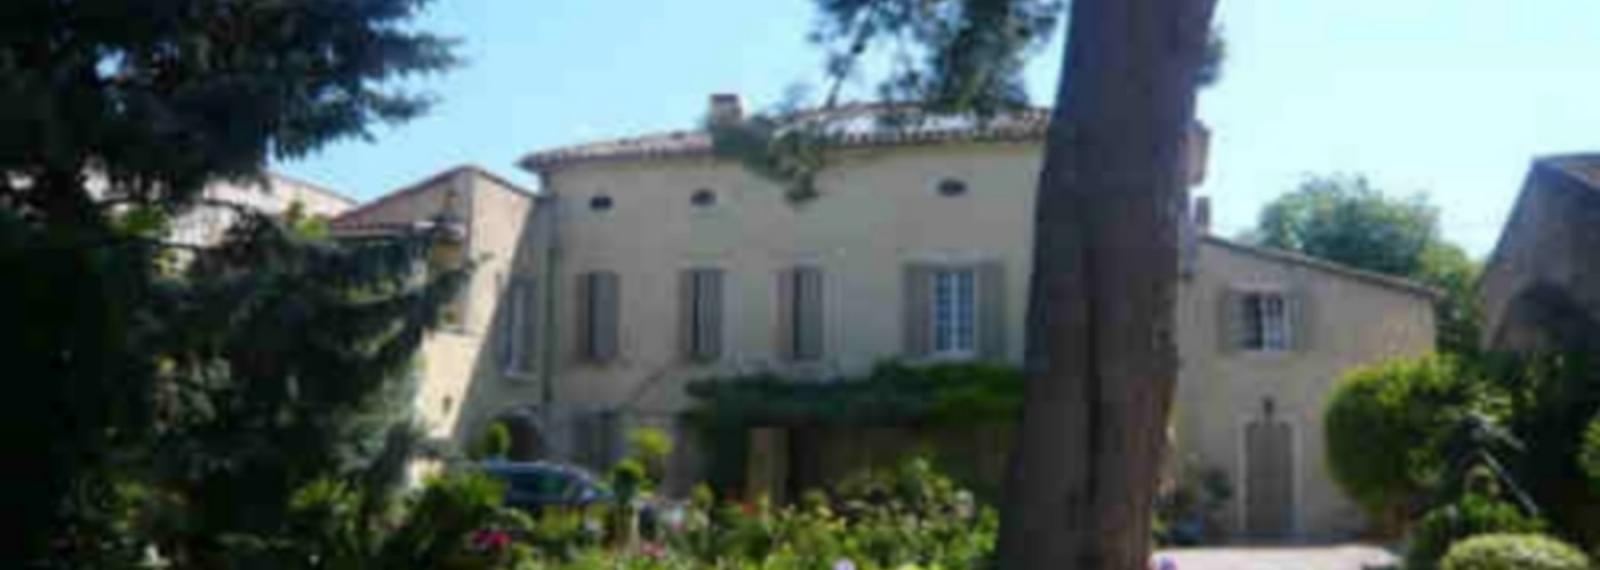 Location saisonnière Alpilles Soleil à Saint-Rémy-de-Provence